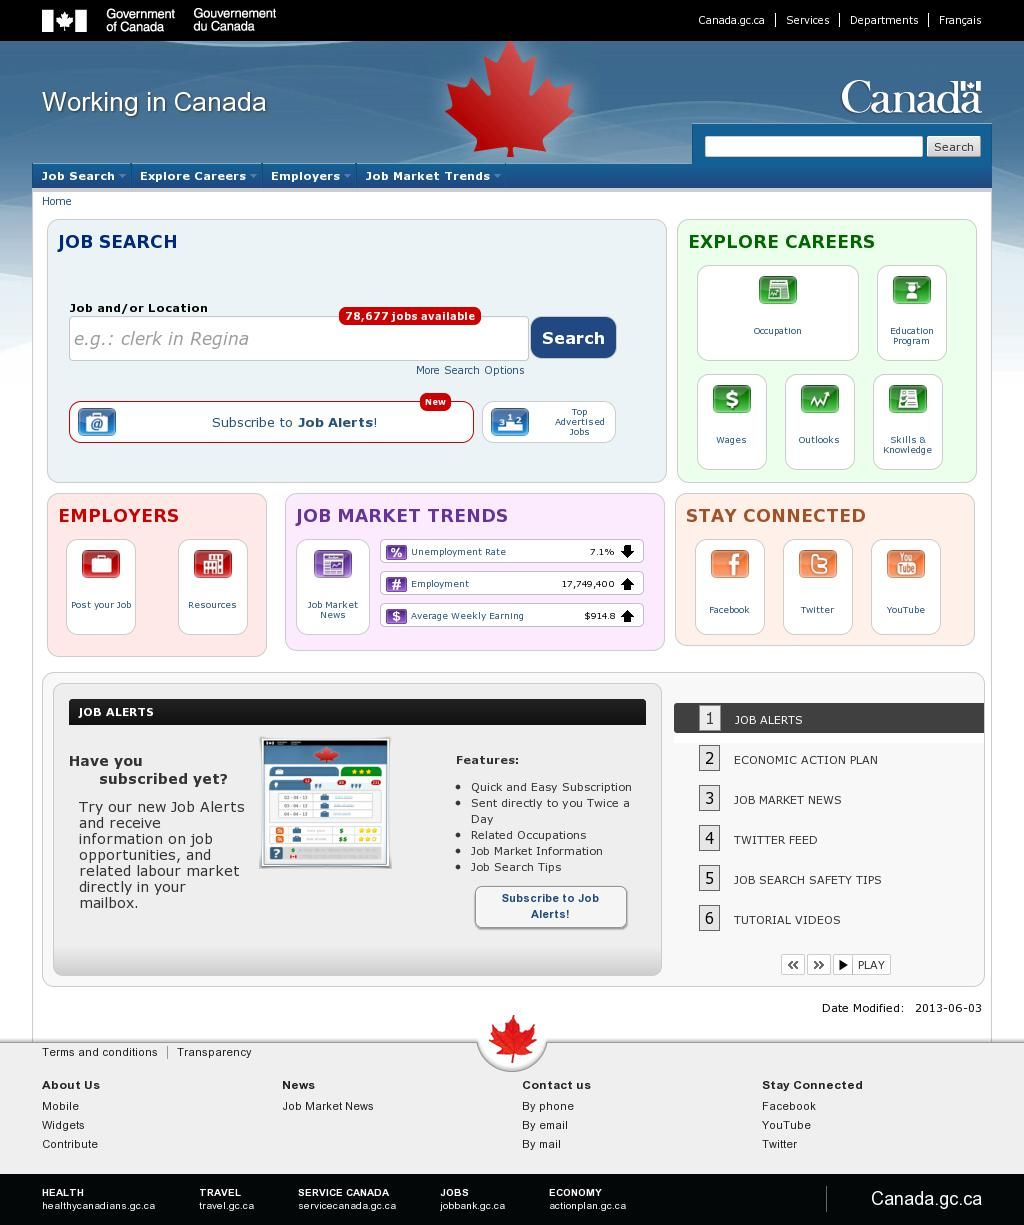 The website 'http//www.workingincanada.gc.ca/homeeng.do